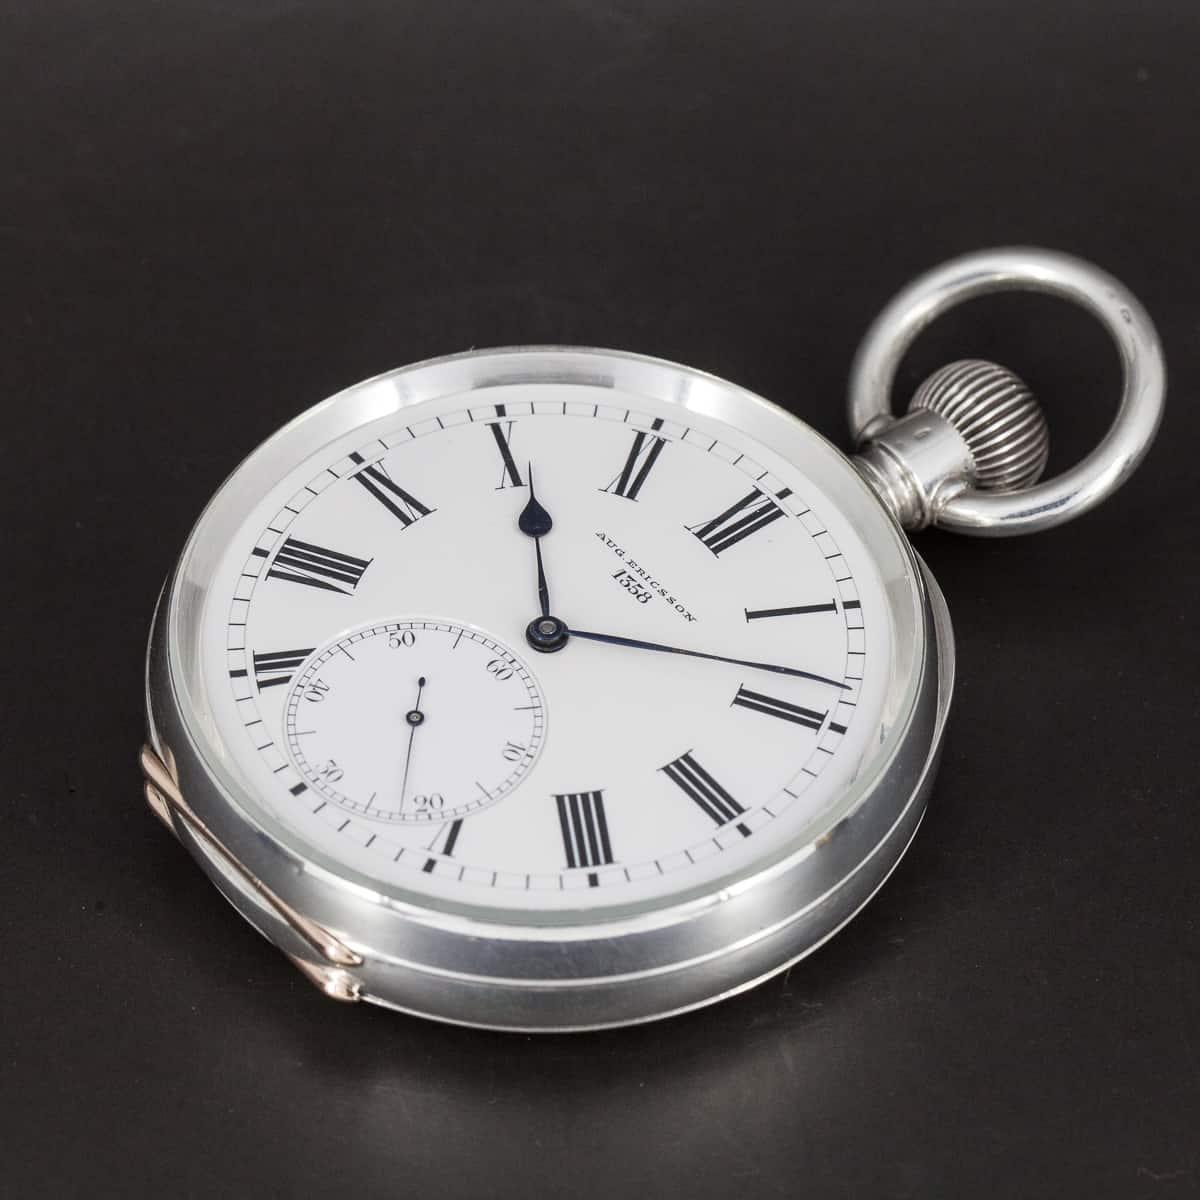 Kronometri